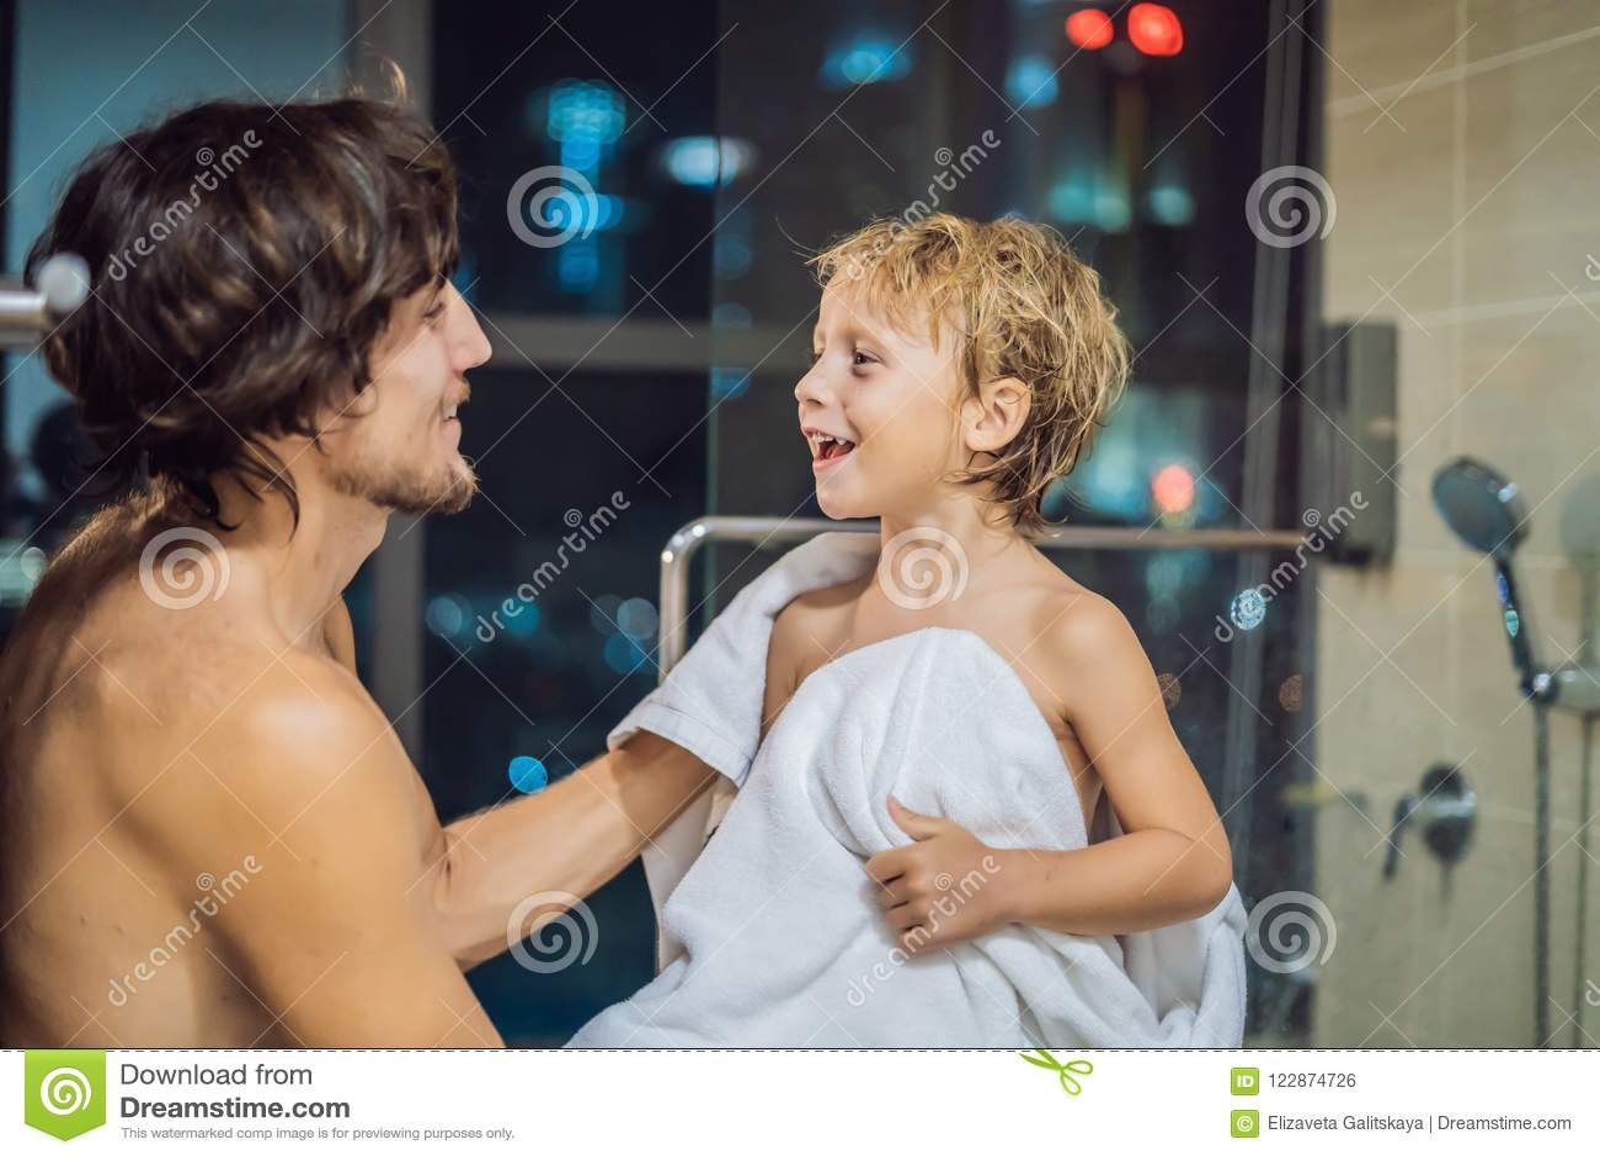 Le papa essuie son fils avec une serviette après une douche le soir avant d aller dormir sur le fond d une fenêtre avec un panora